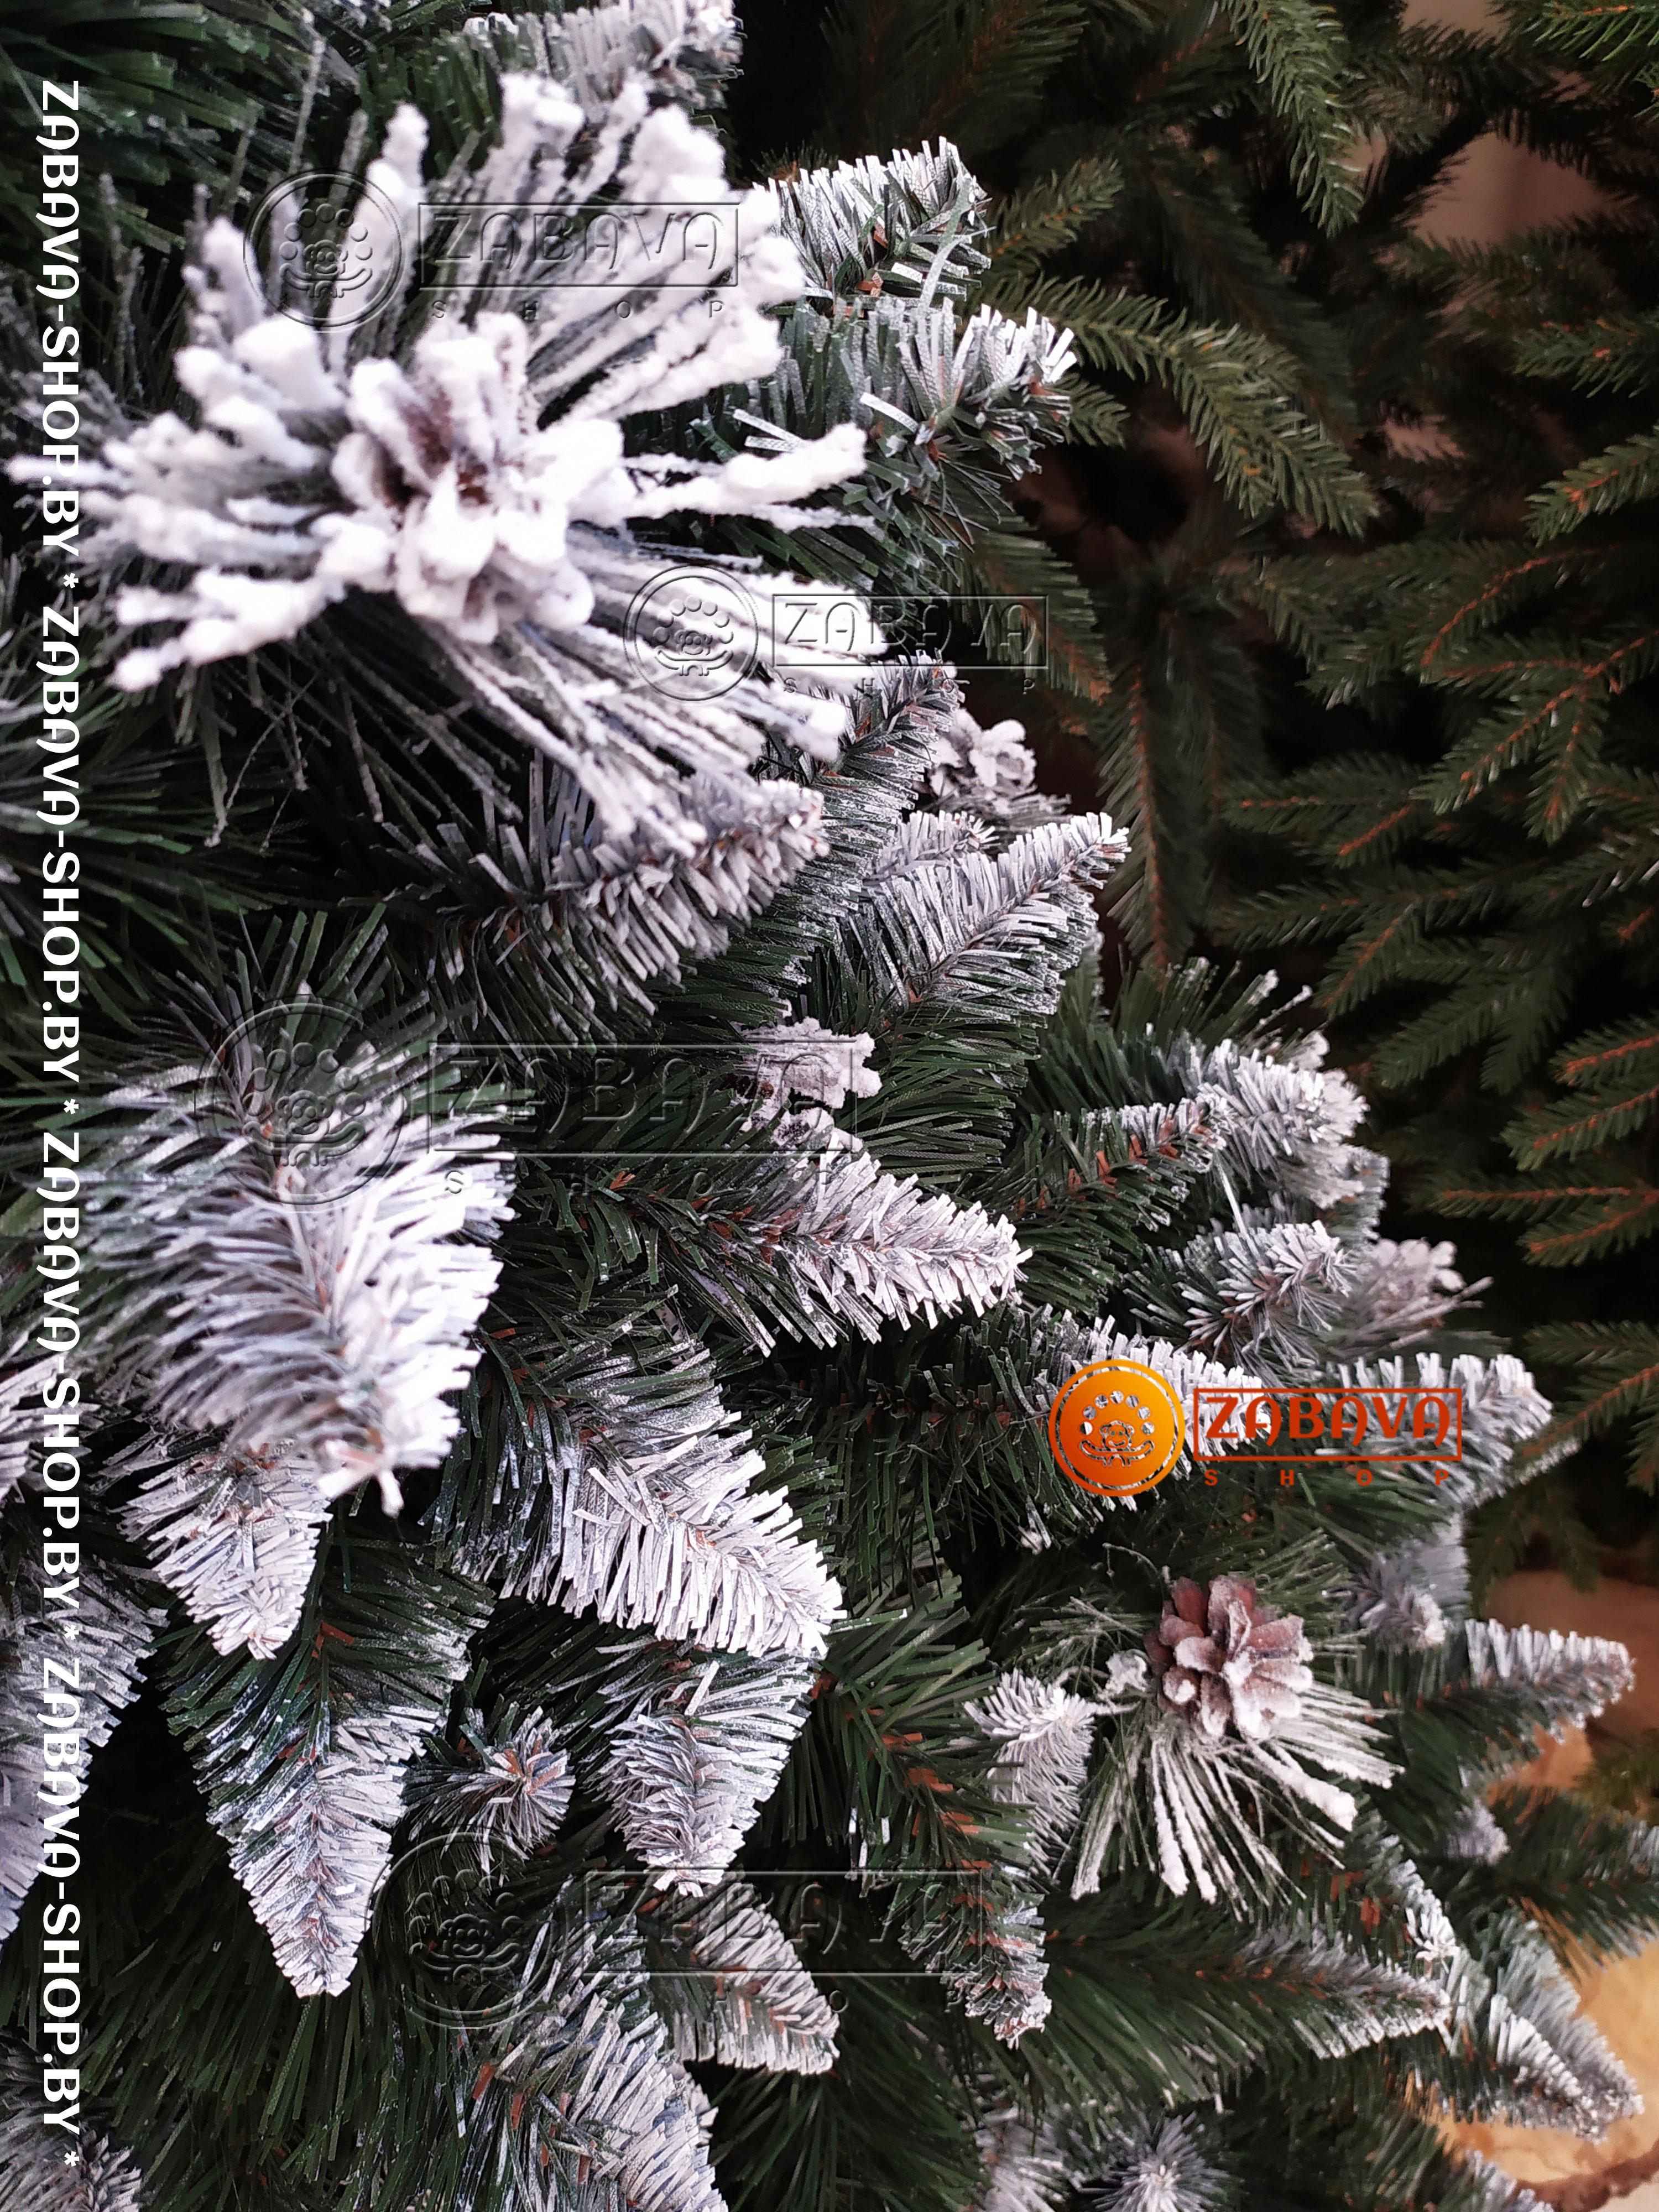 Сосна искусственная Сибирь Заснеженная 2,5 метра - zabava-shop.by